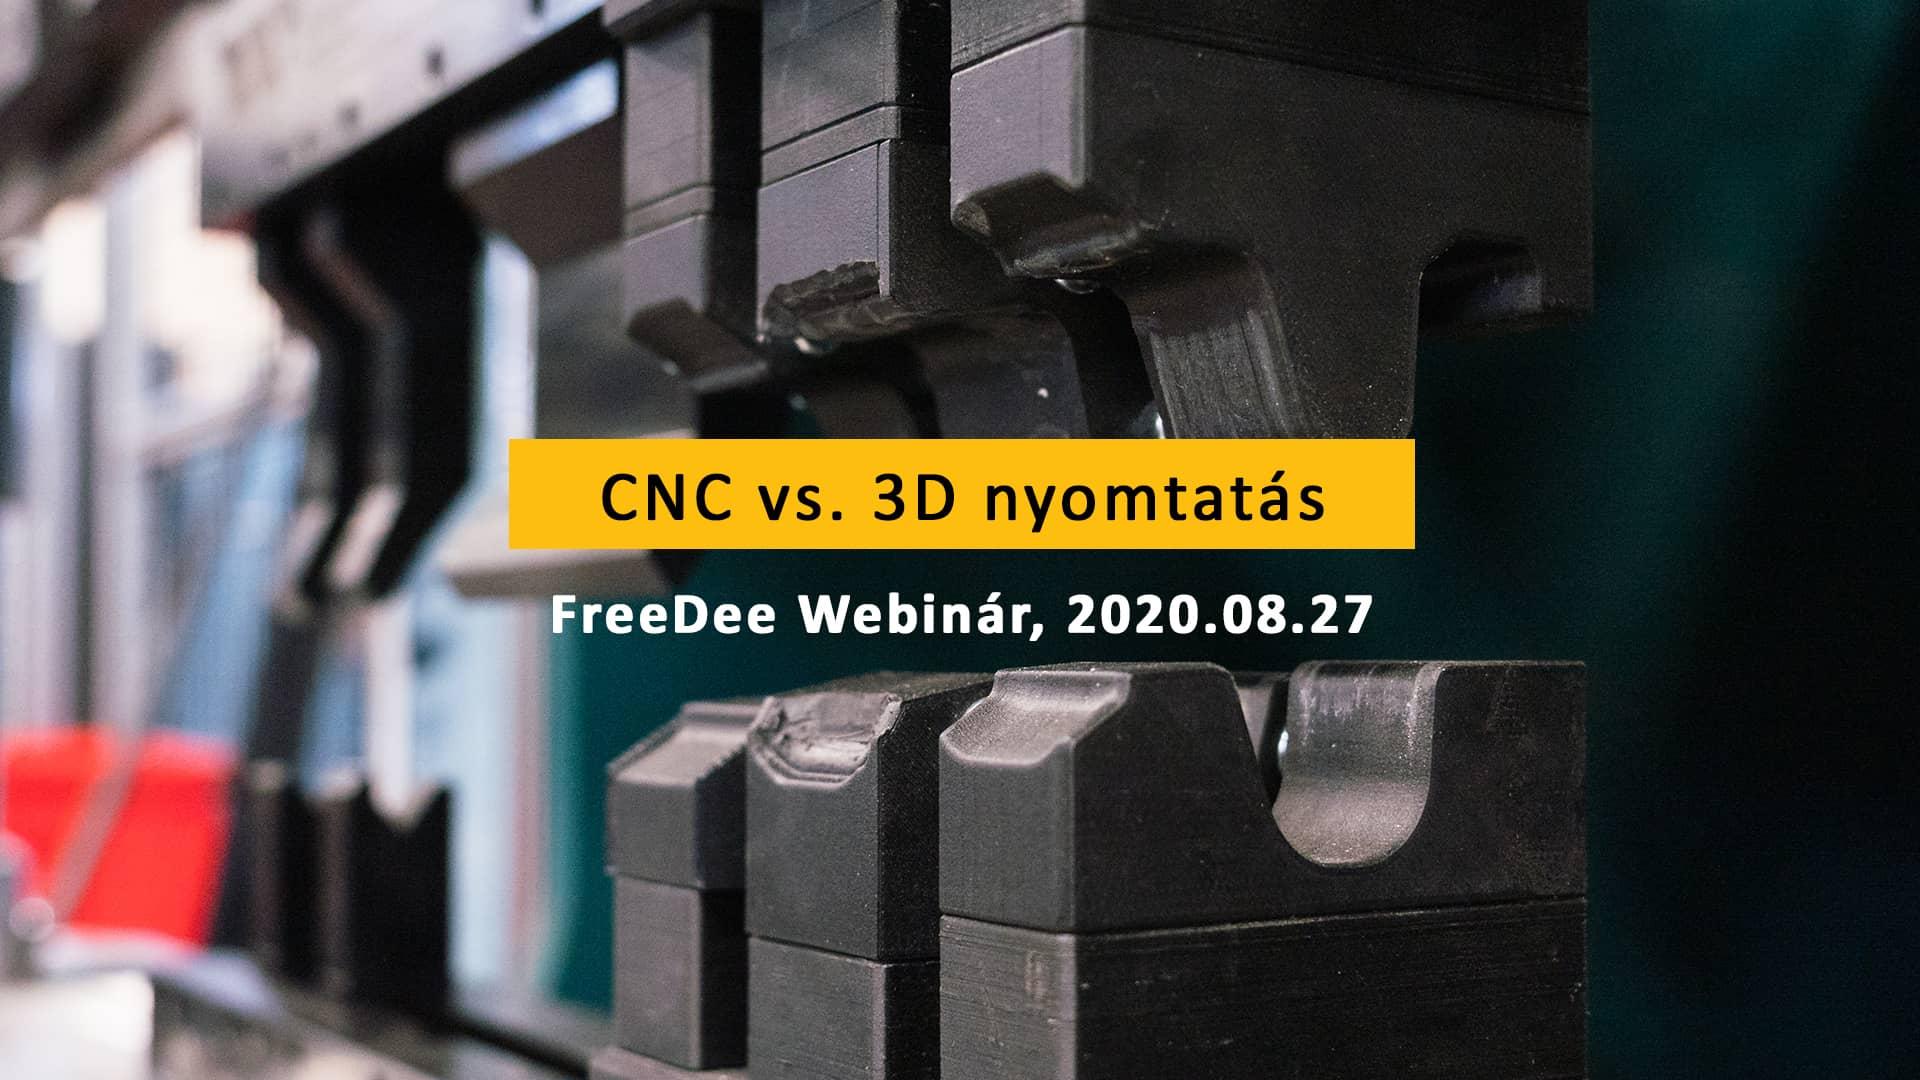 CNC vs. 3D nyomtatás webinár